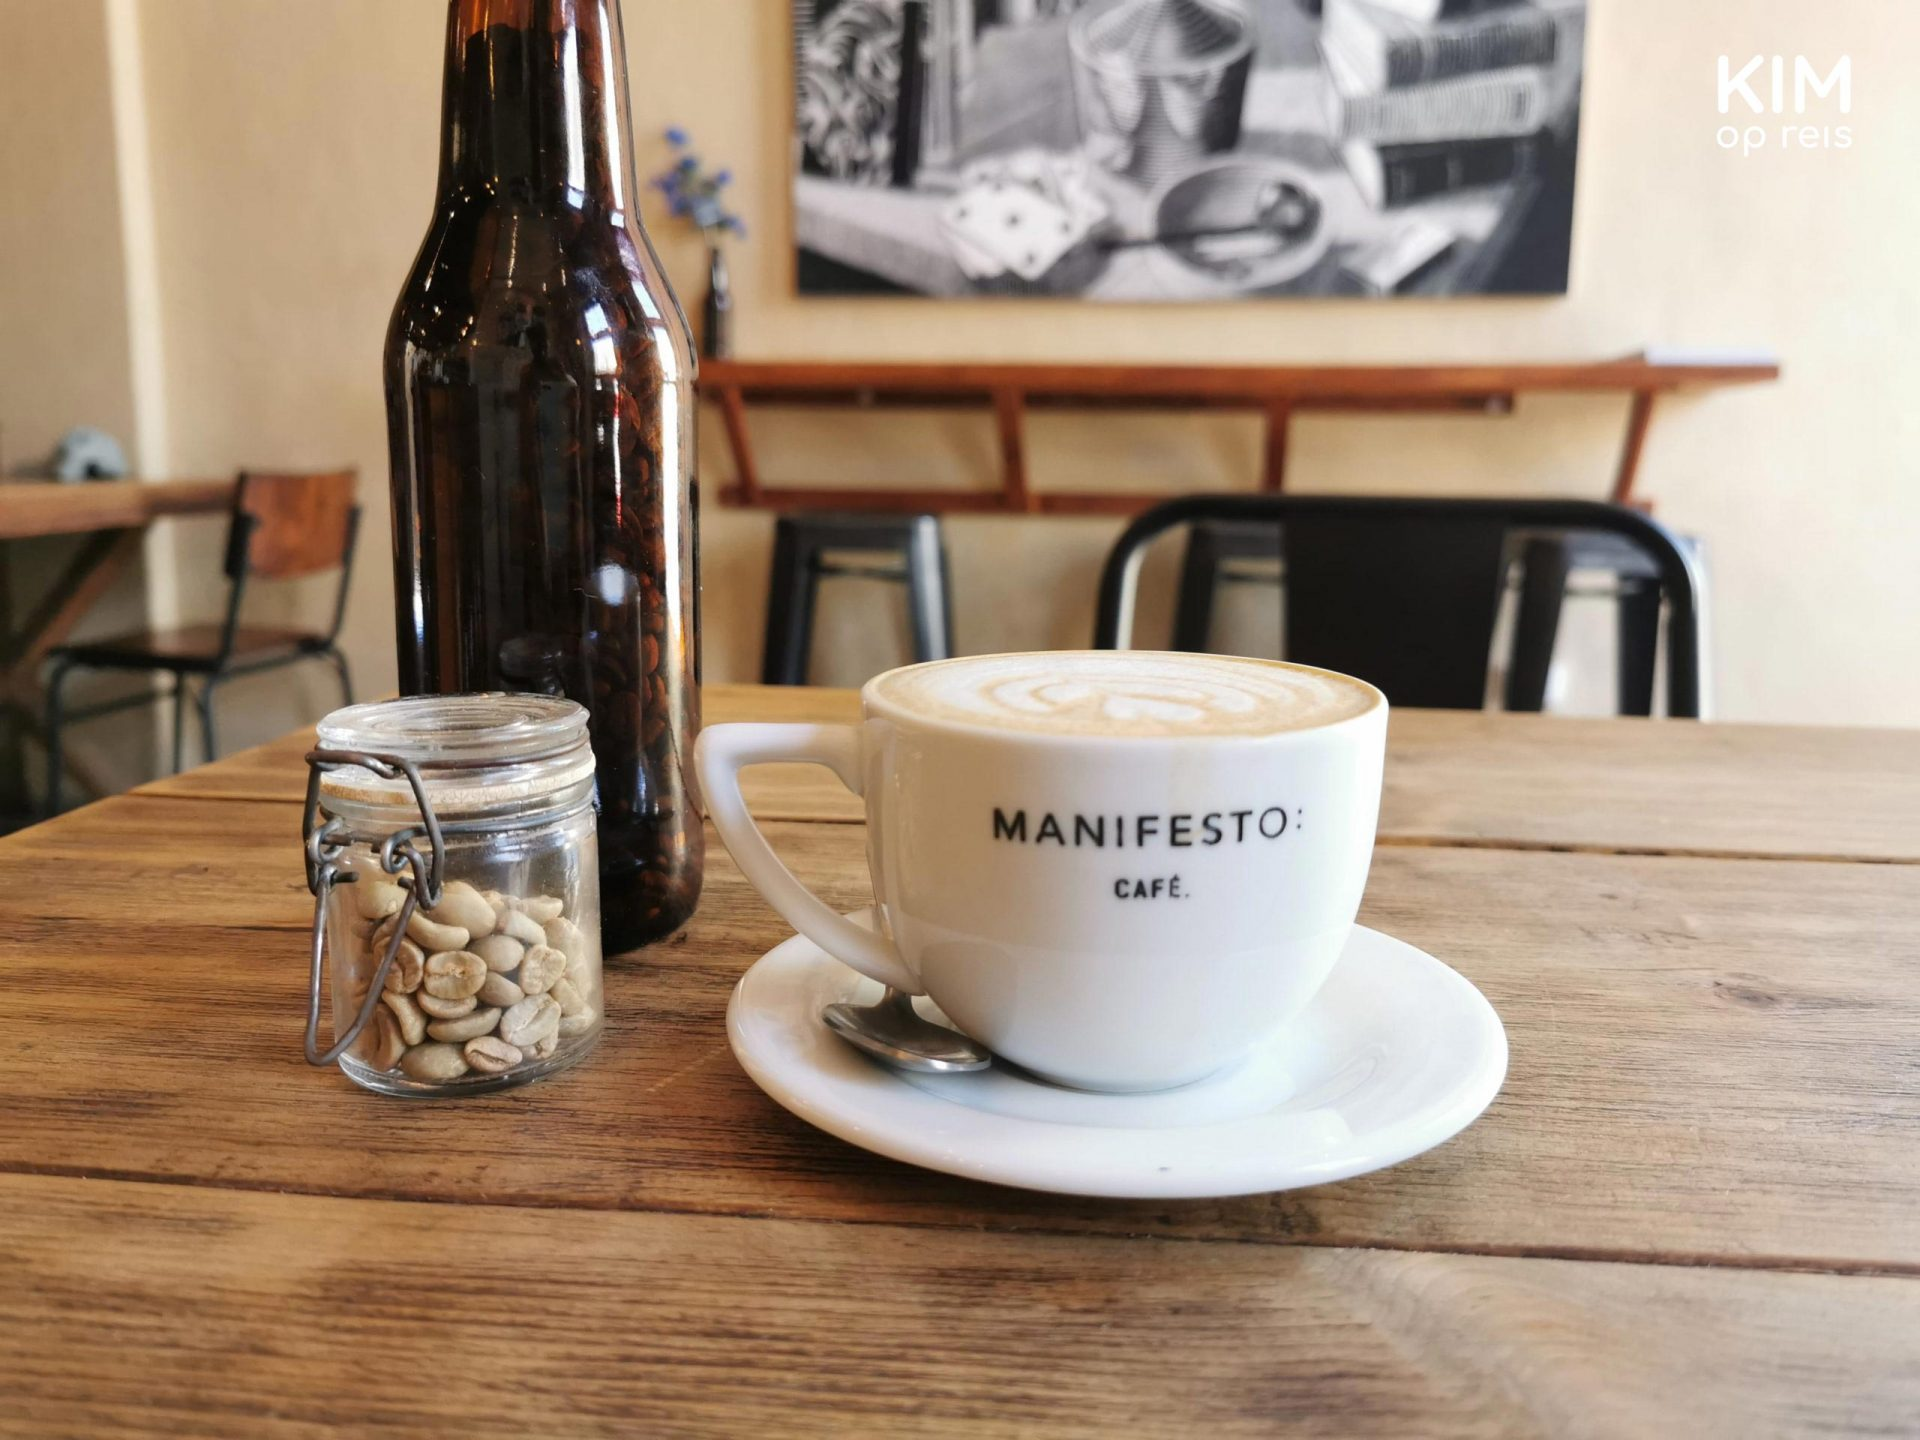 Manifesto Koffie Merida: kopje cappuccino in een witte kop met het logo van Manifesto